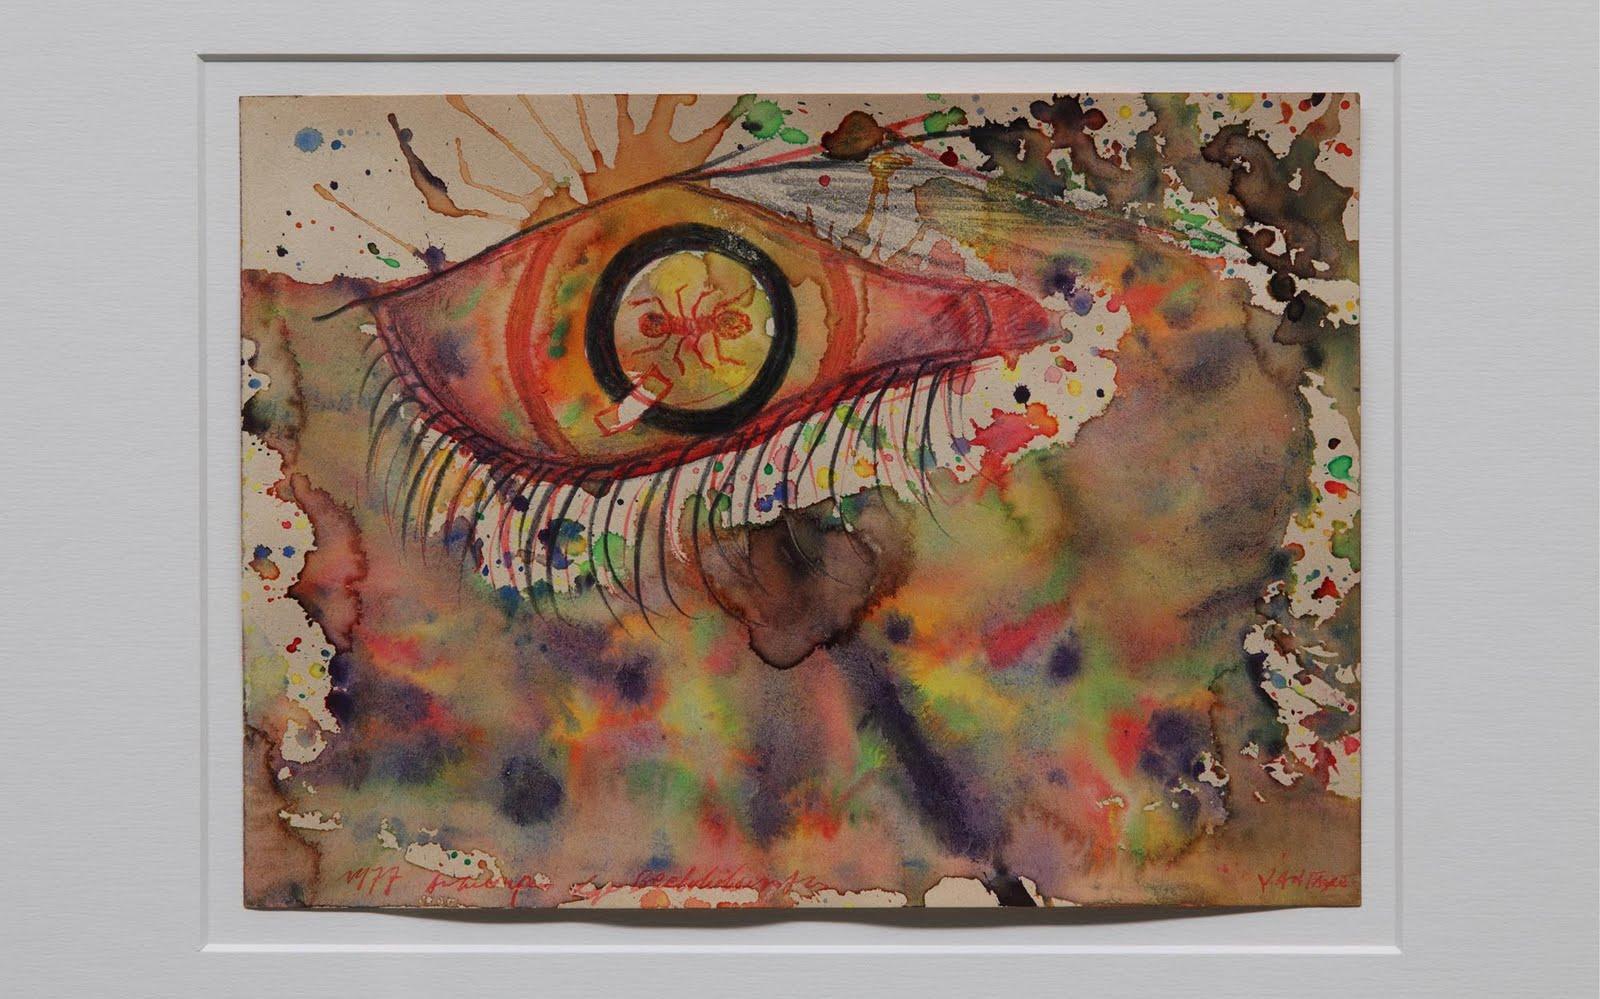 Gesprekken met hedendaagse kunstenaars: interview met jan fabre